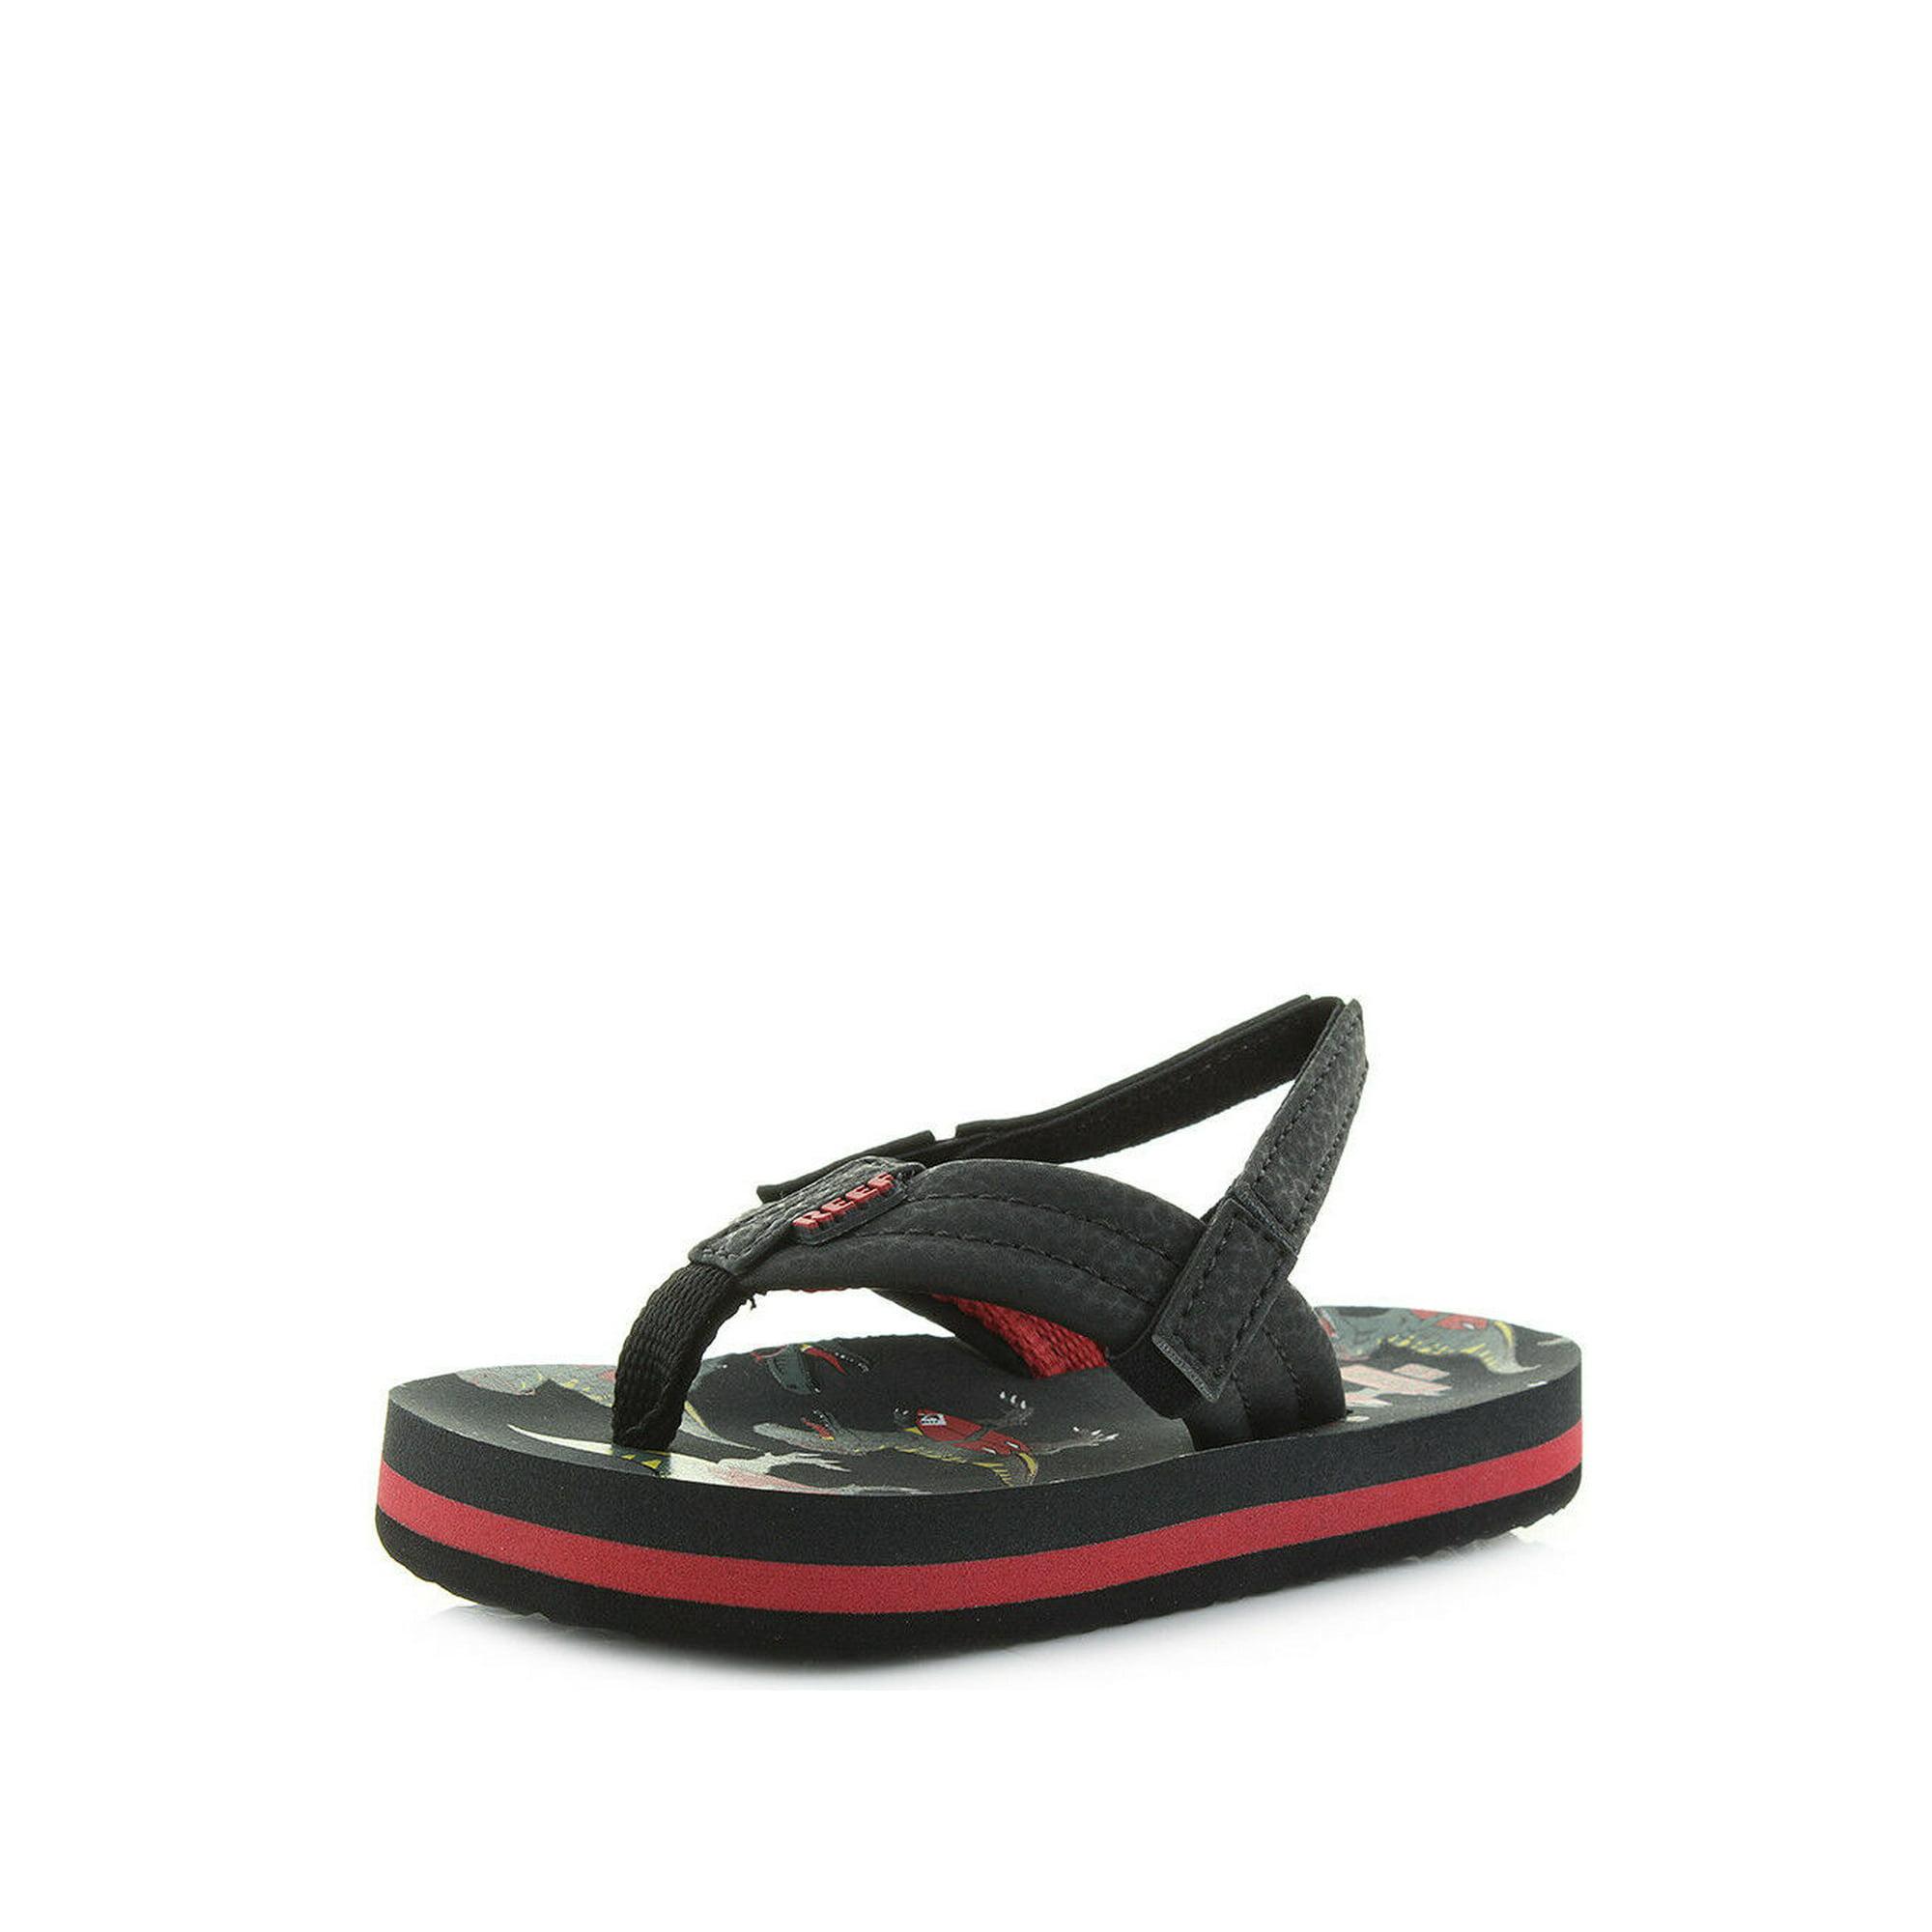 faa0151aee99 Reef Girls Ahi Bungee SlingBack Flip Flops